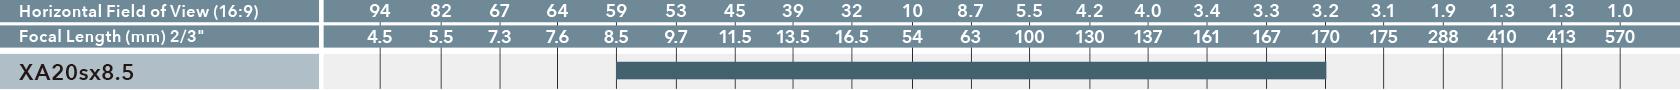 [이미지] 모델 번호별 수평 시야(16:9)와 초점 길이(2/3인치)를 비교하는 차트